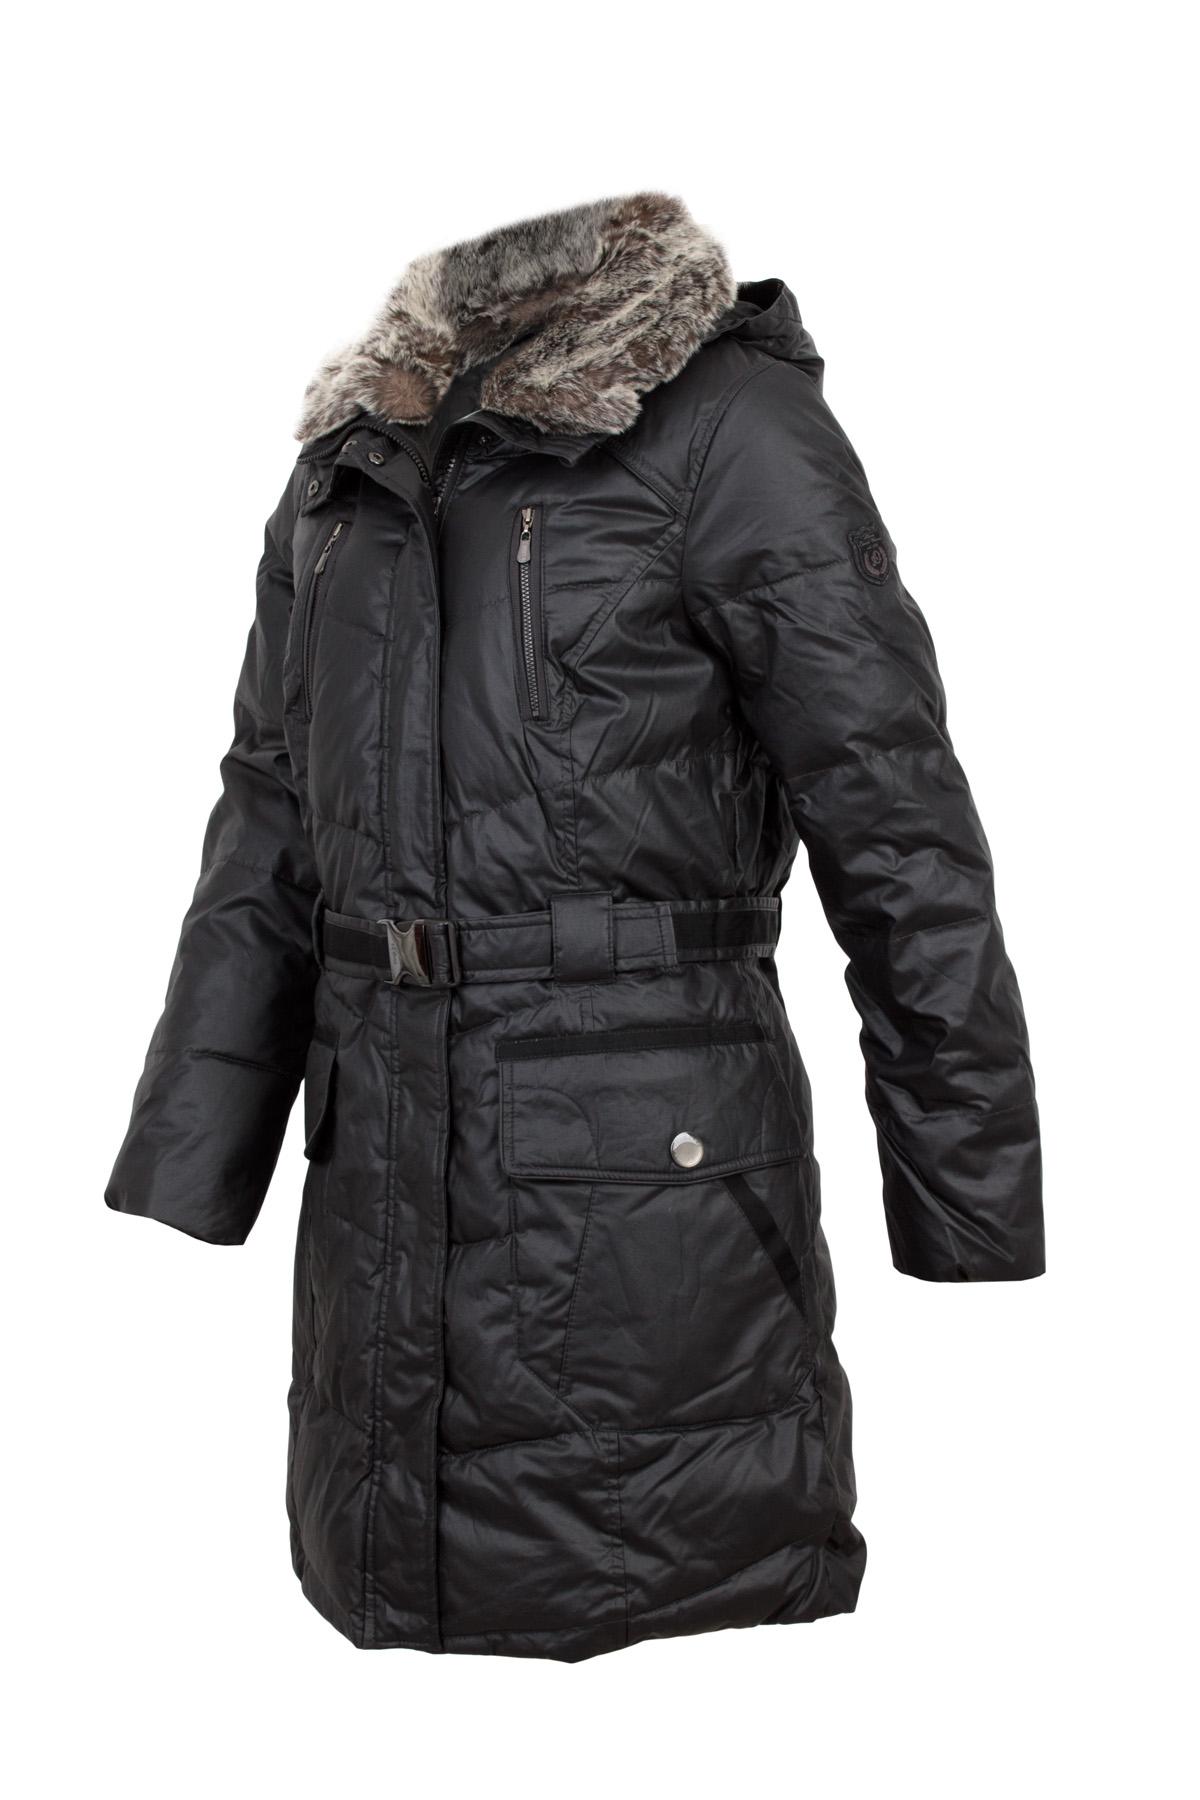 s oliver damen wintermantel mantel 3243 uvp 189 95 ebay. Black Bedroom Furniture Sets. Home Design Ideas